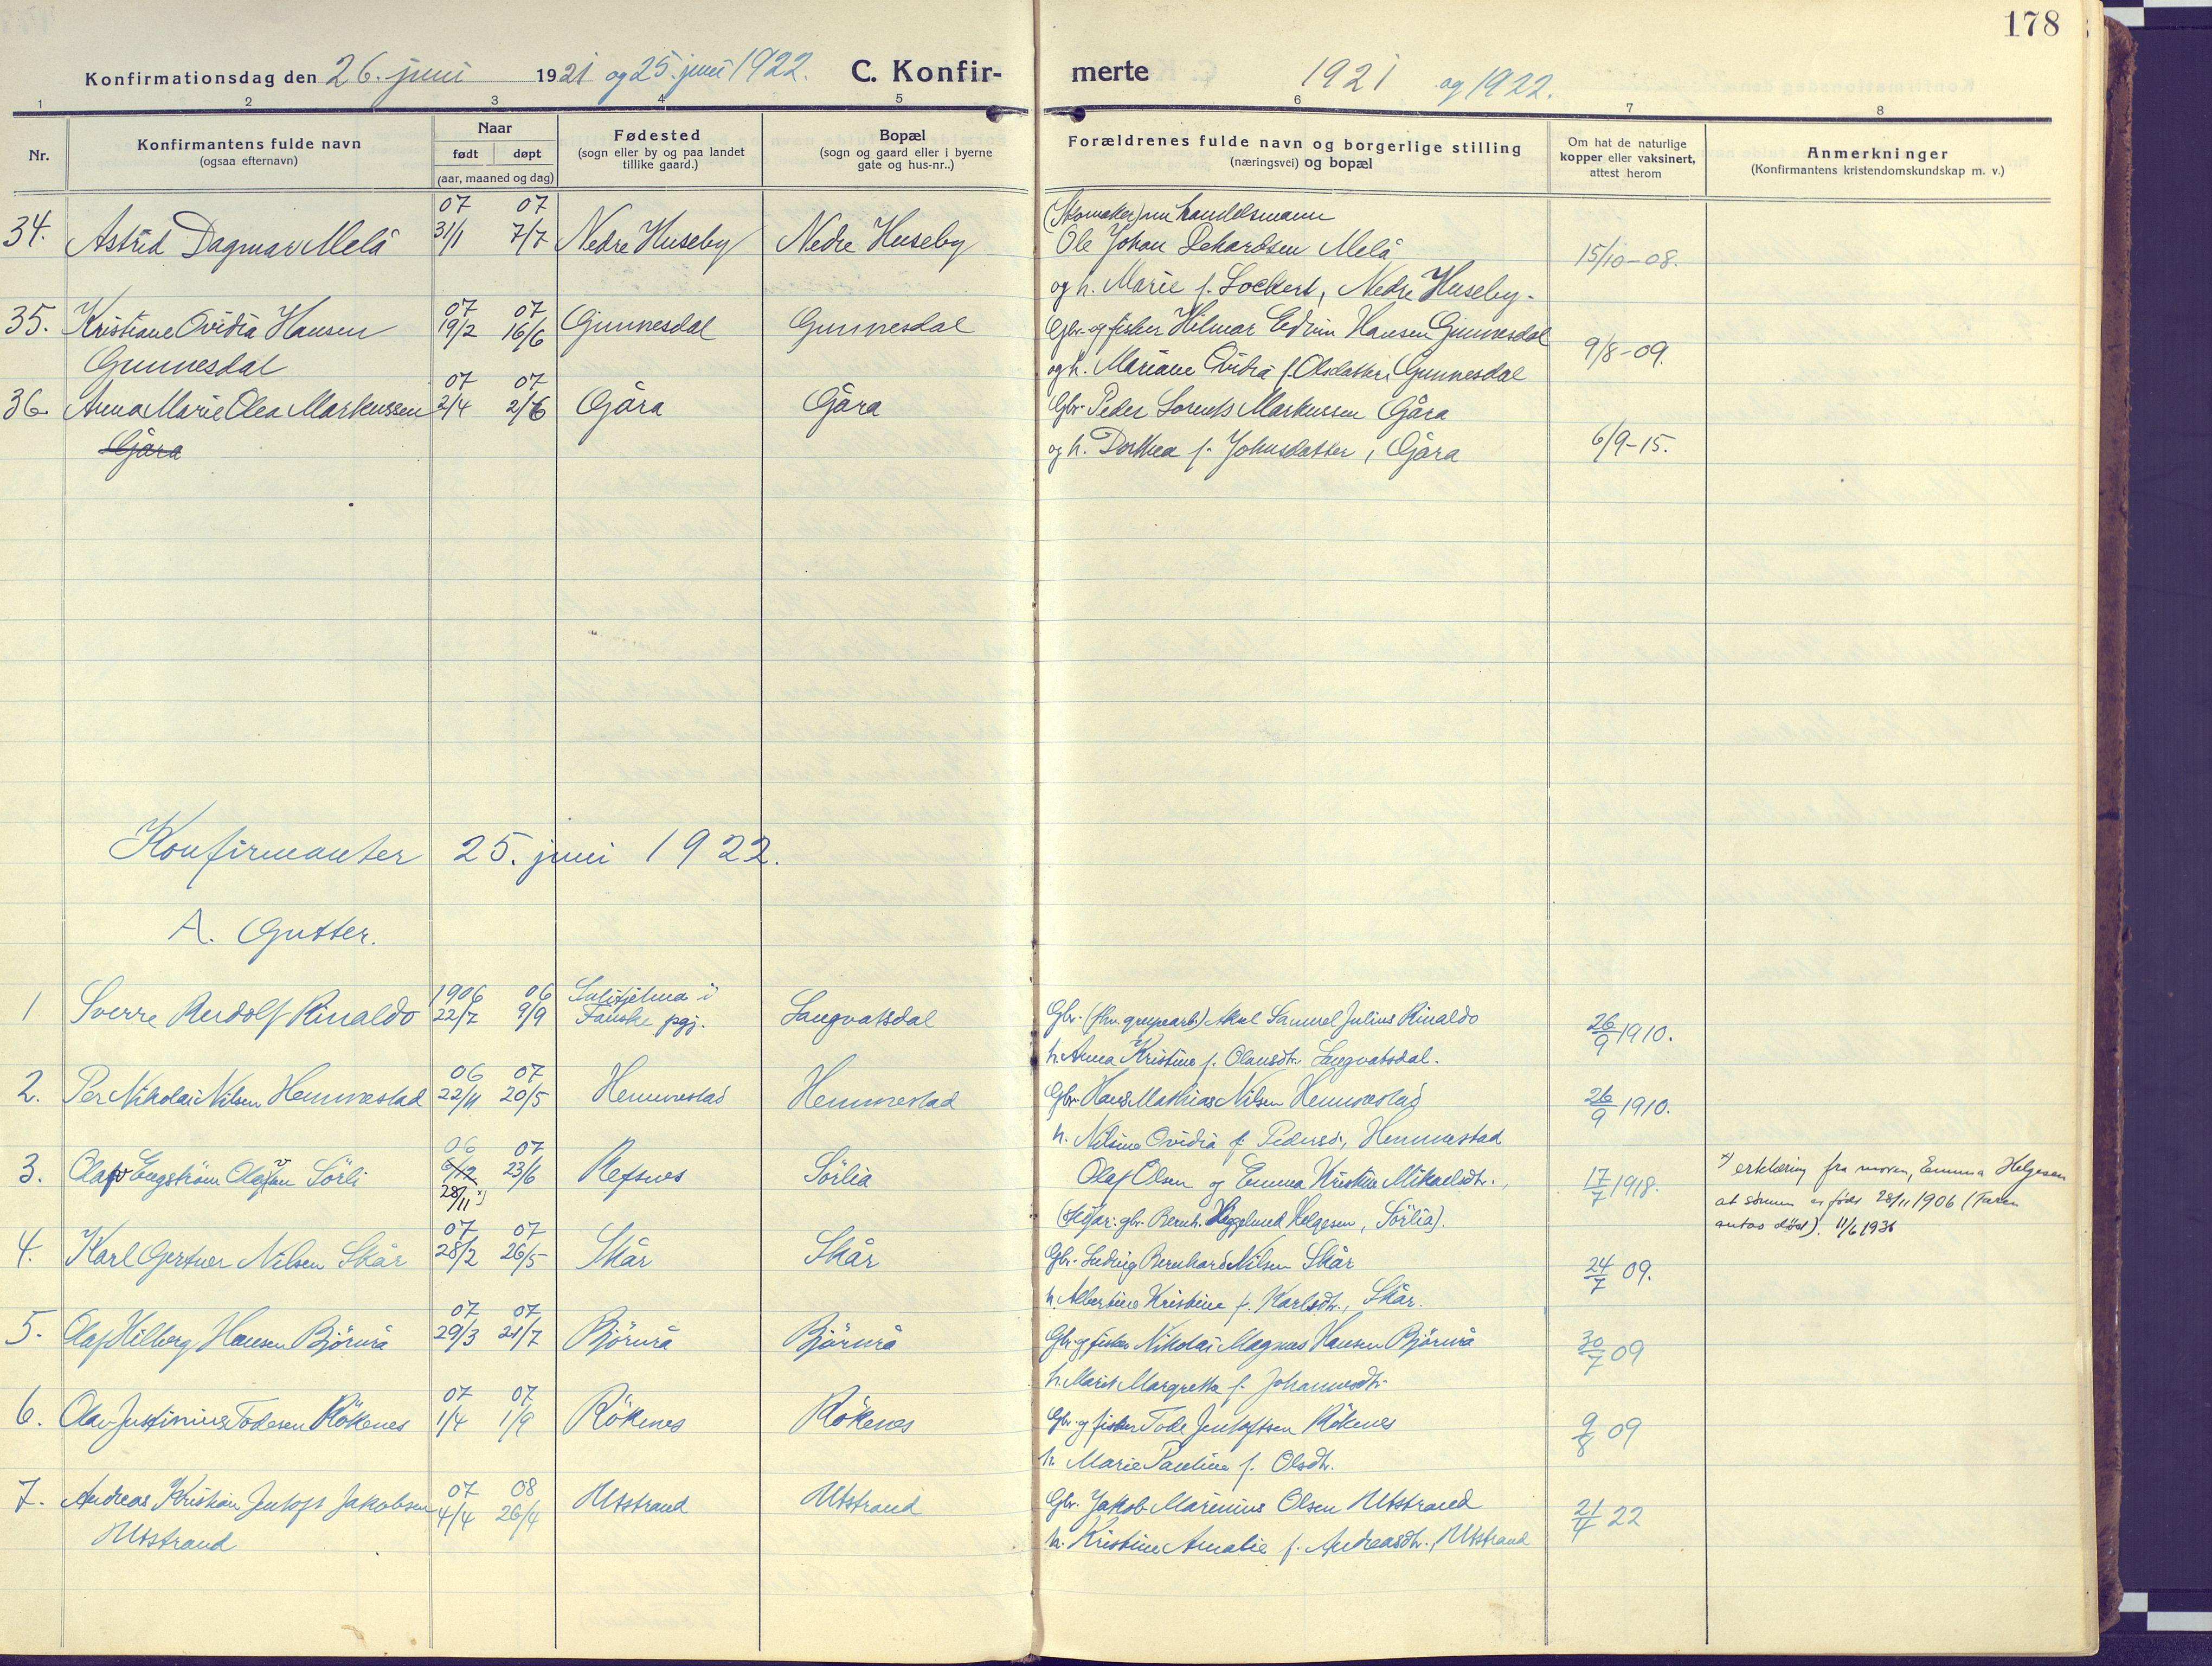 SATØ, Kvæfjord sokneprestkontor, G/Ga/Gaa/L0007kirke: Ministerialbok nr. 7, 1915-1931, s. 178